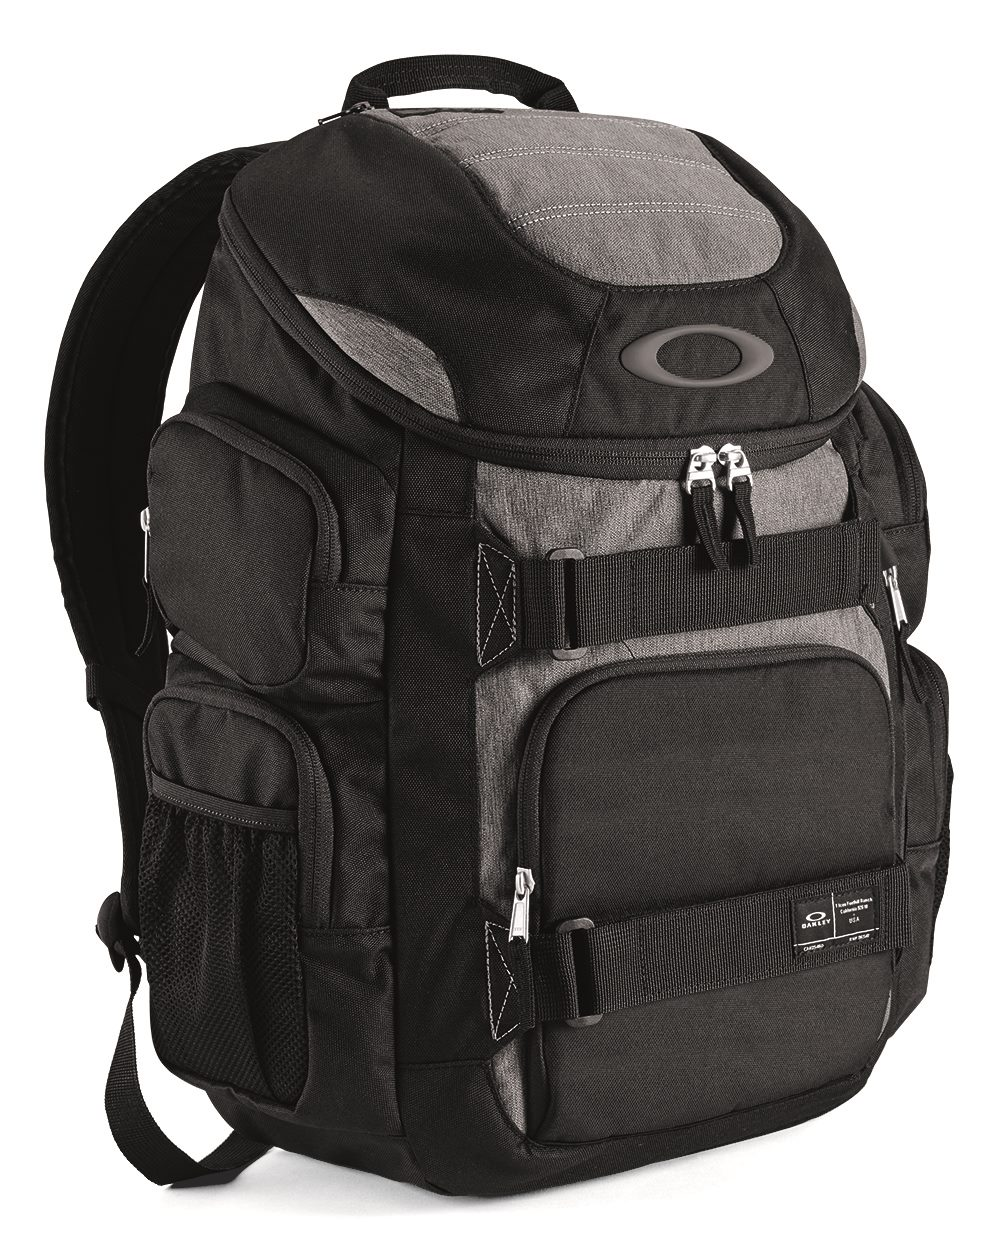 Oakley 921012ODM - Enduro 30L 2.0 Backpack